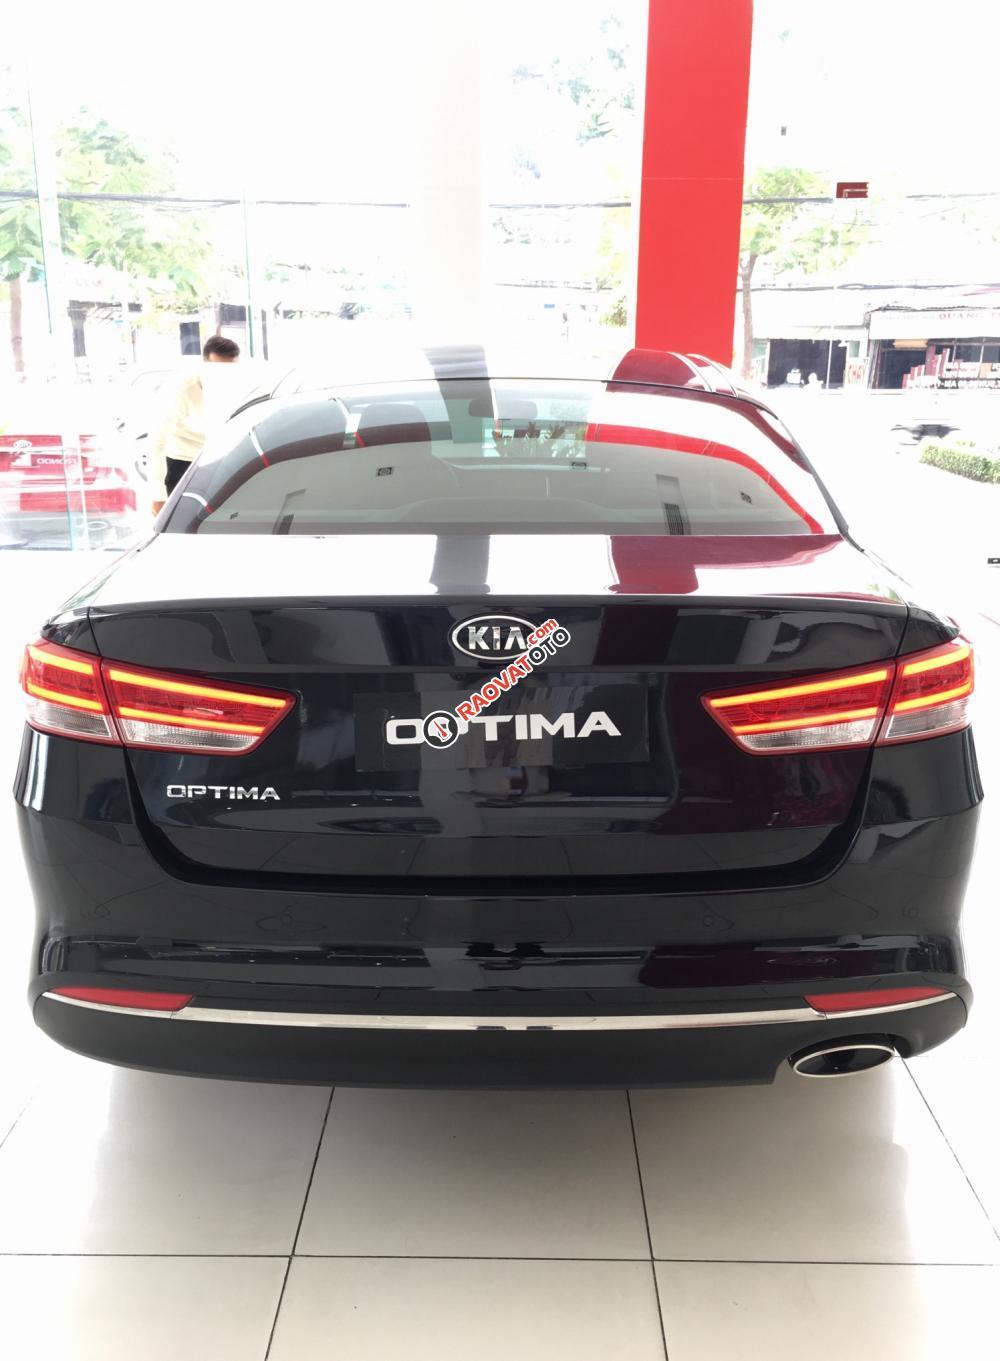 Bán Kia Optima GATH mới 100%, HT vay 95%, thủ tục nhanh gọn-6